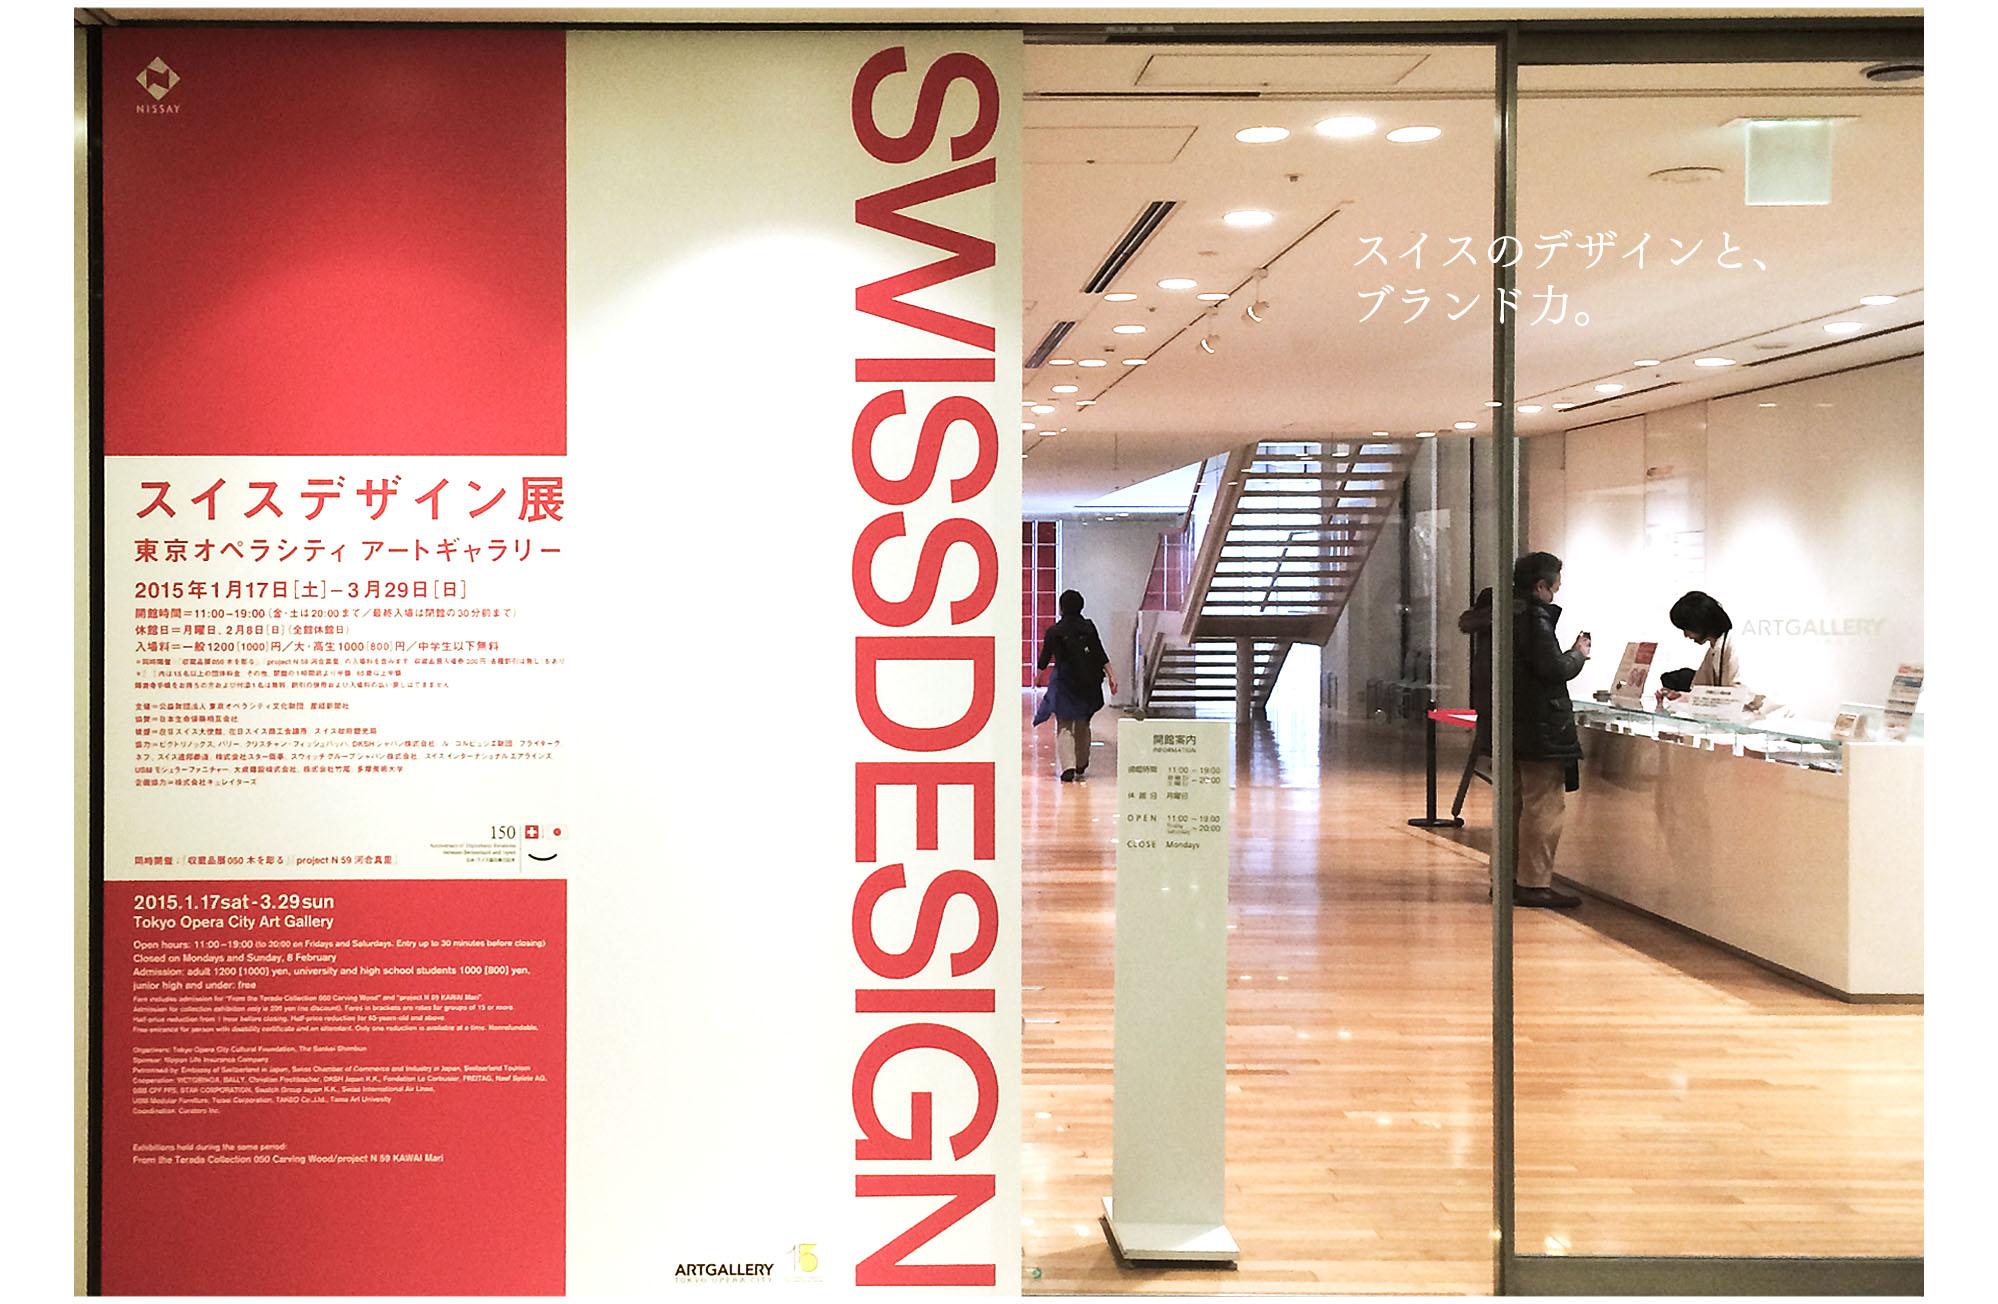 20150303_スイスのデザインとブランド力